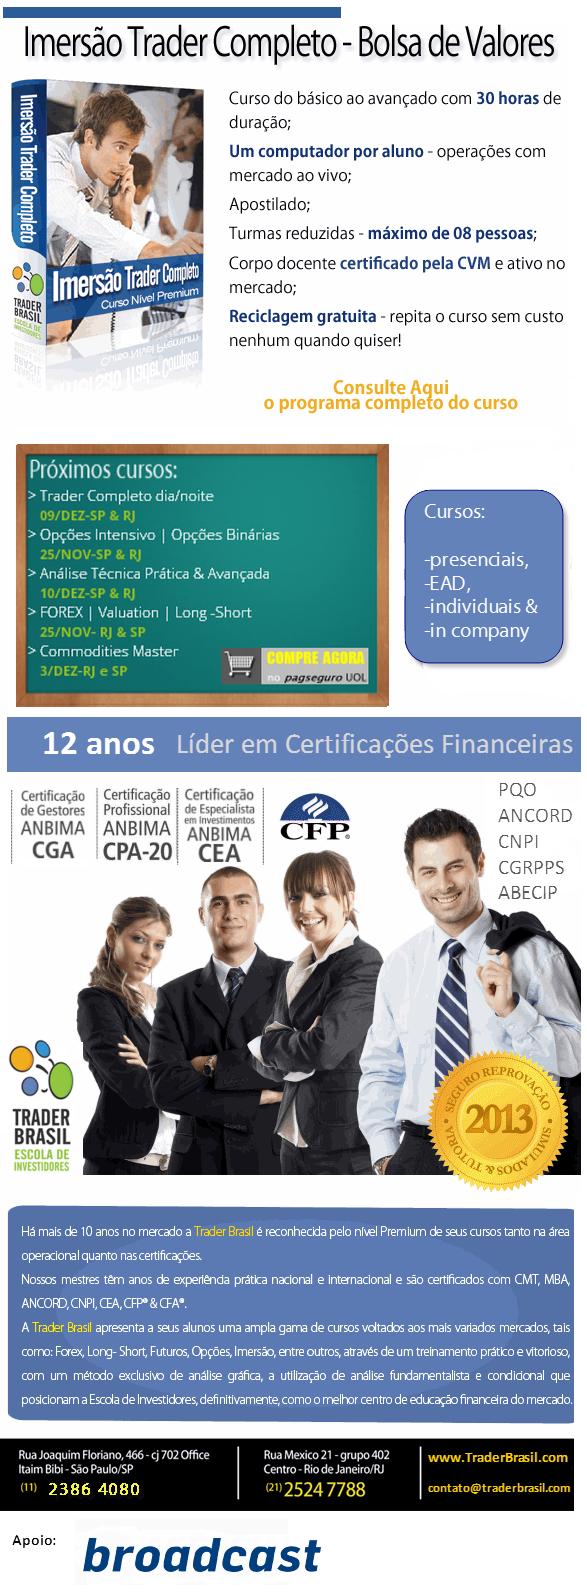 Curso de Trader e Calendário de cursos financeiros e de certificação anbima